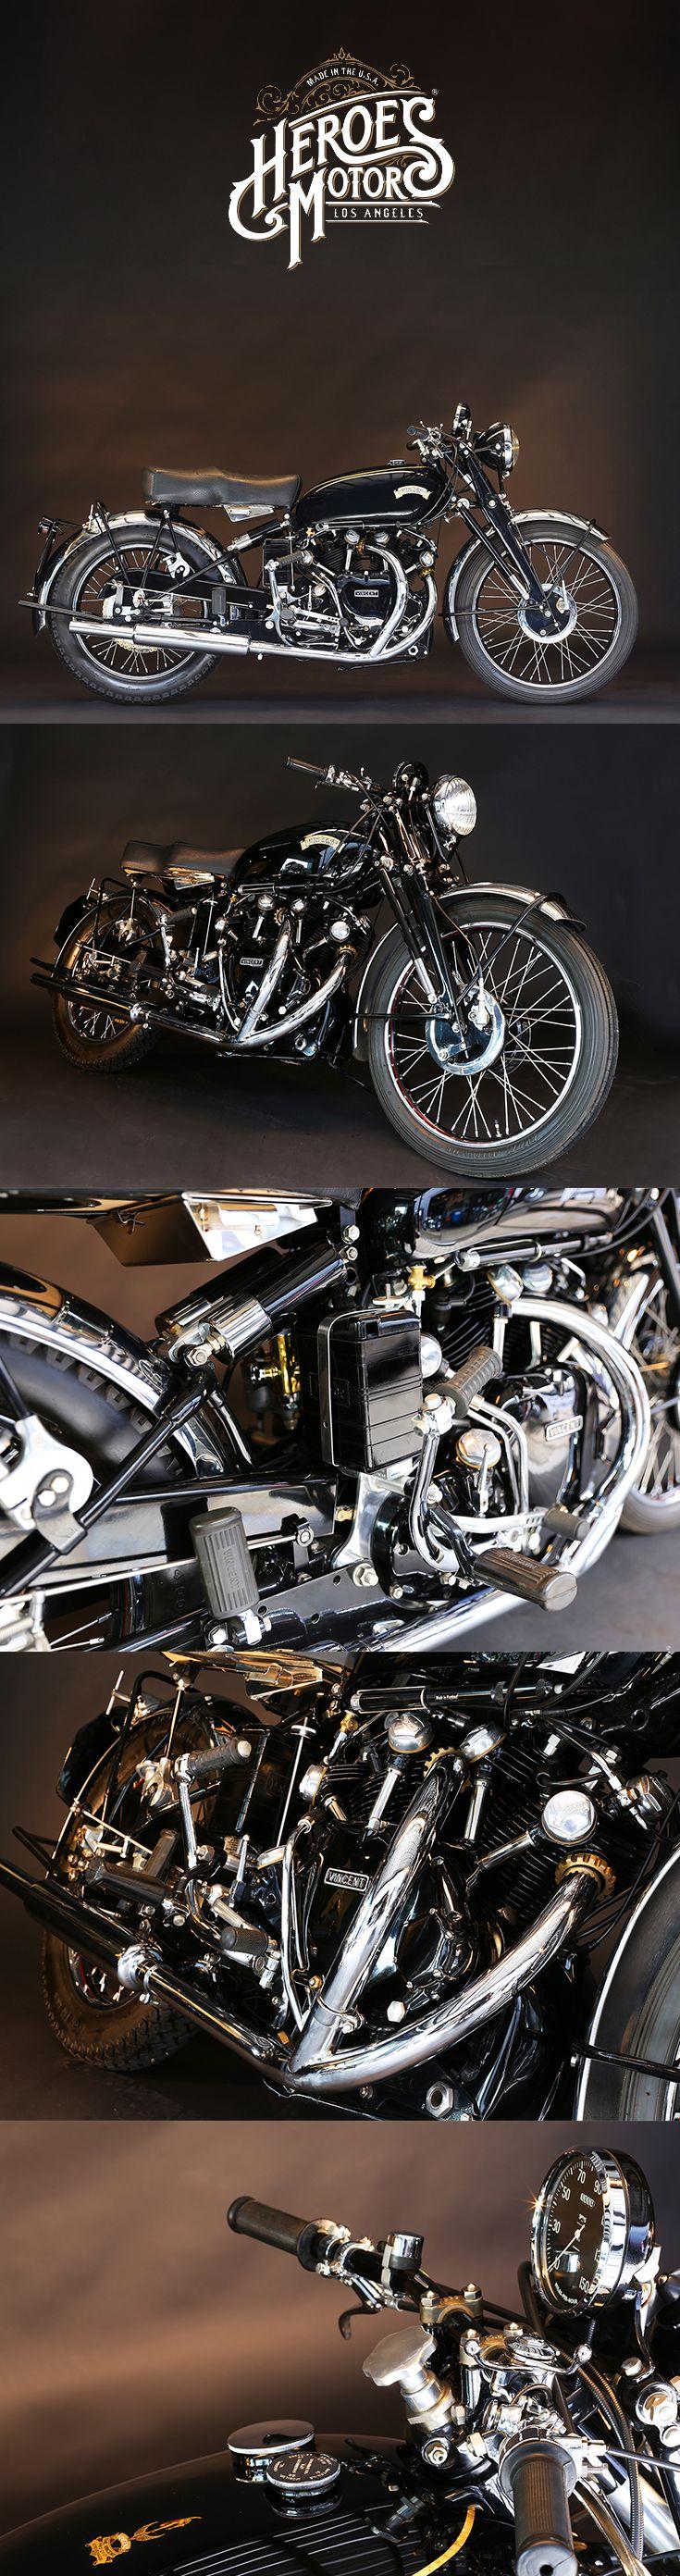 1951 VINCENT 1000cc BLACK SHADOW